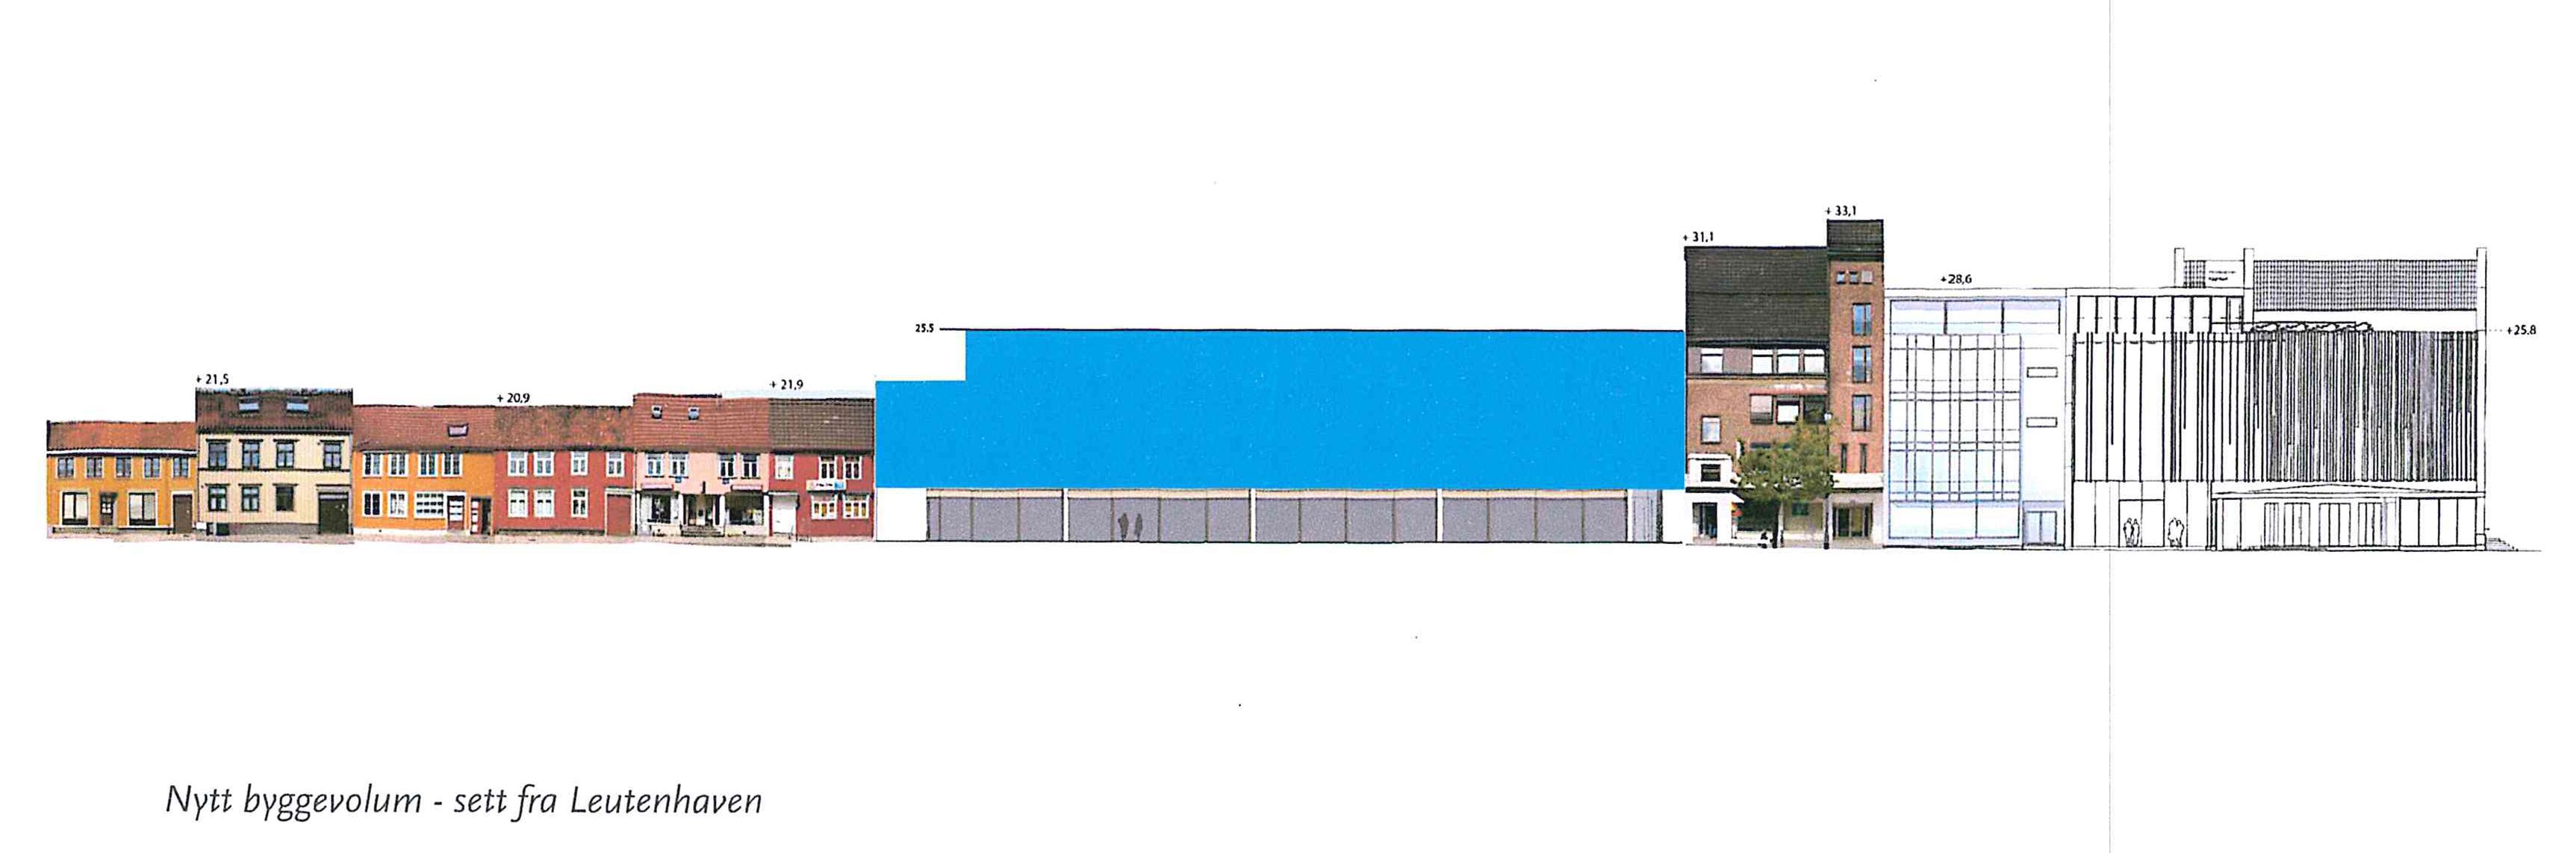 Fra én til fire etasjer. Dagens plassutnyttelse gir rom for fortetting. Det blå feltet skisserer tillatt byggehøyde mot Repslagerveita. (Illustrasjon: Basale)